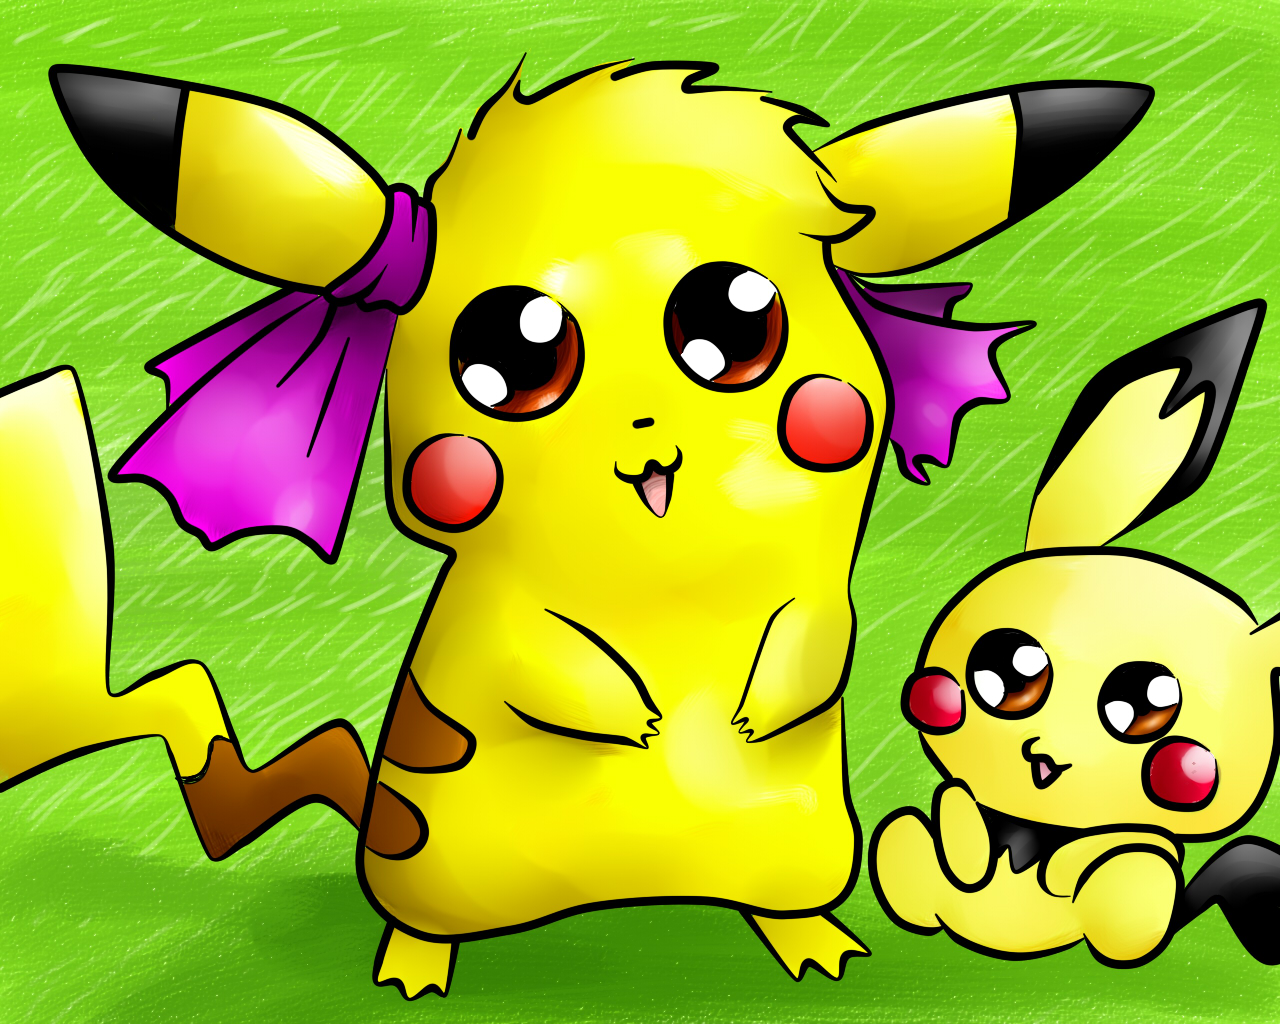 Pokémon-Zeichnung: pikachu und pichu! (seeehr kreativ was?)